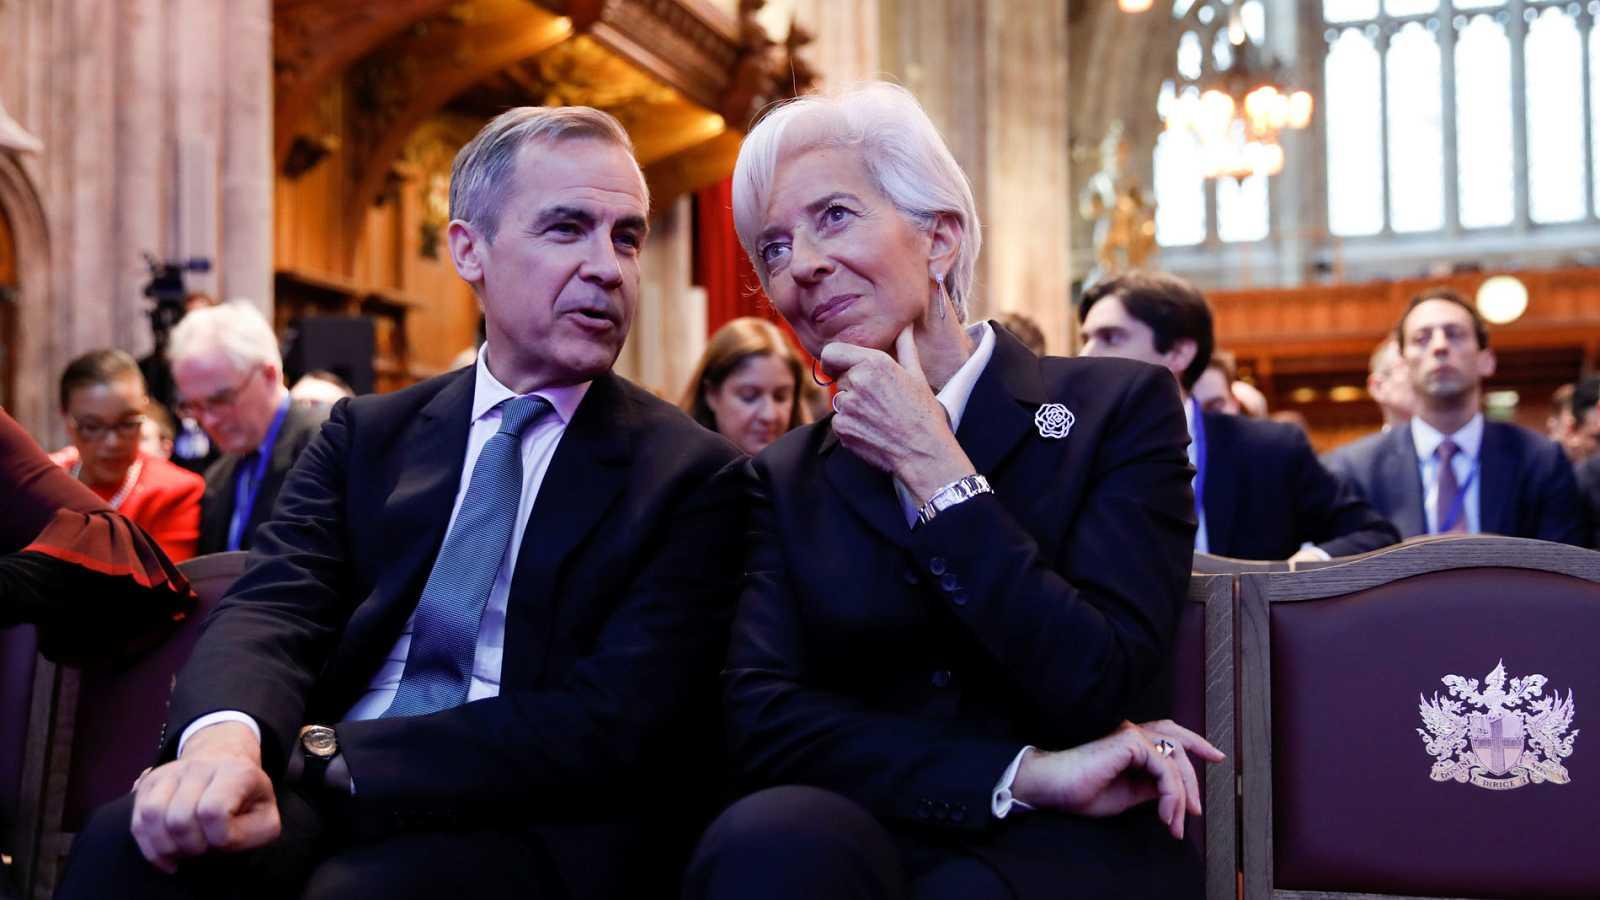 El gobernador del Banco de Inglaterra, Mark Carney, y la presidenta del Banco Central Europeo, Christine Lagarde, durante un encuentro la pasada semana